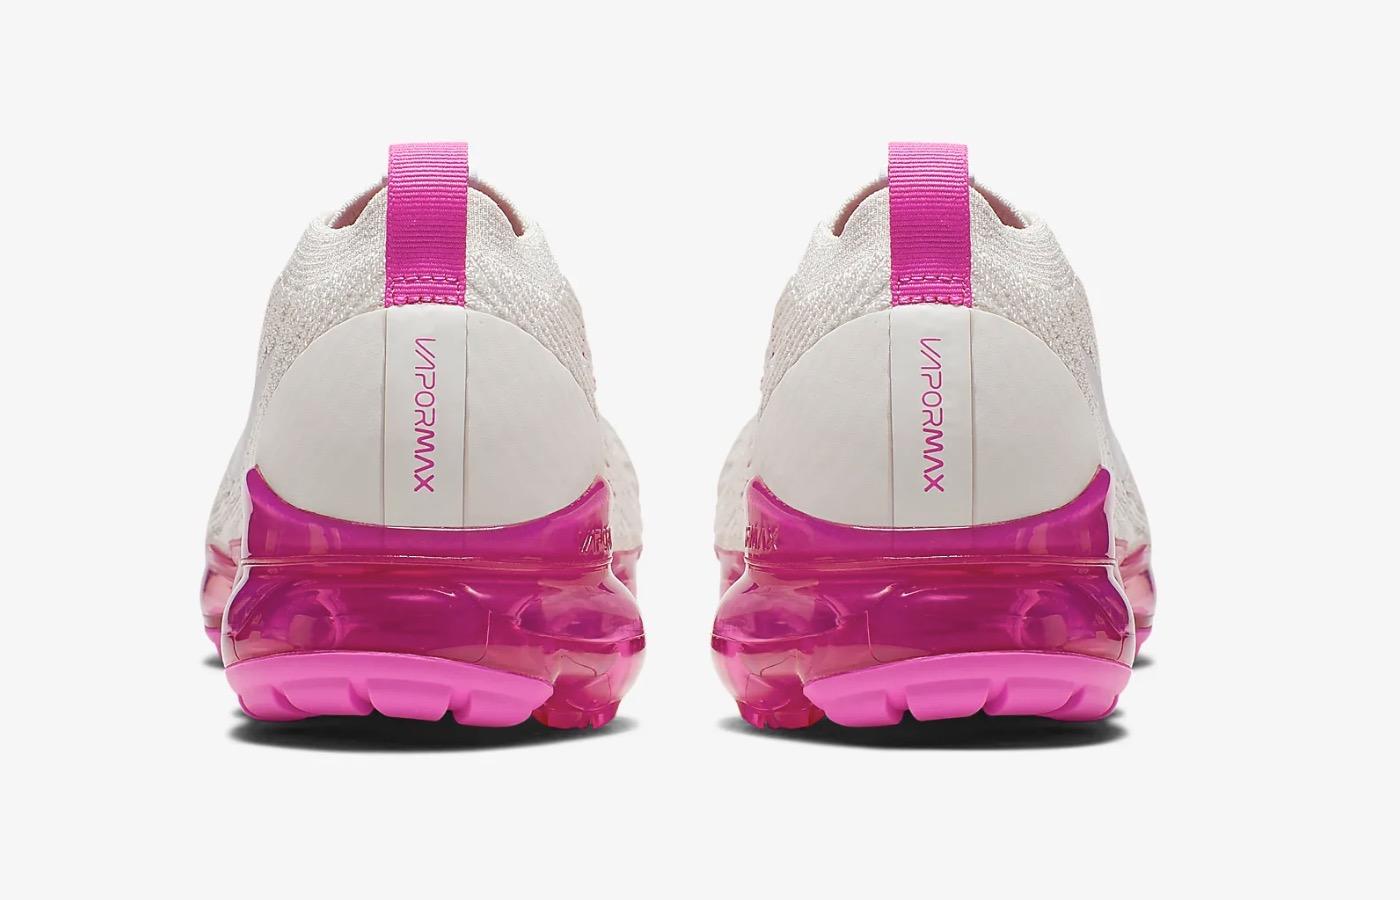 reputable site ee54a d3a3a Nike Air VaporMax 3.0 Laser Fuchsia Pink | AJ6910-005